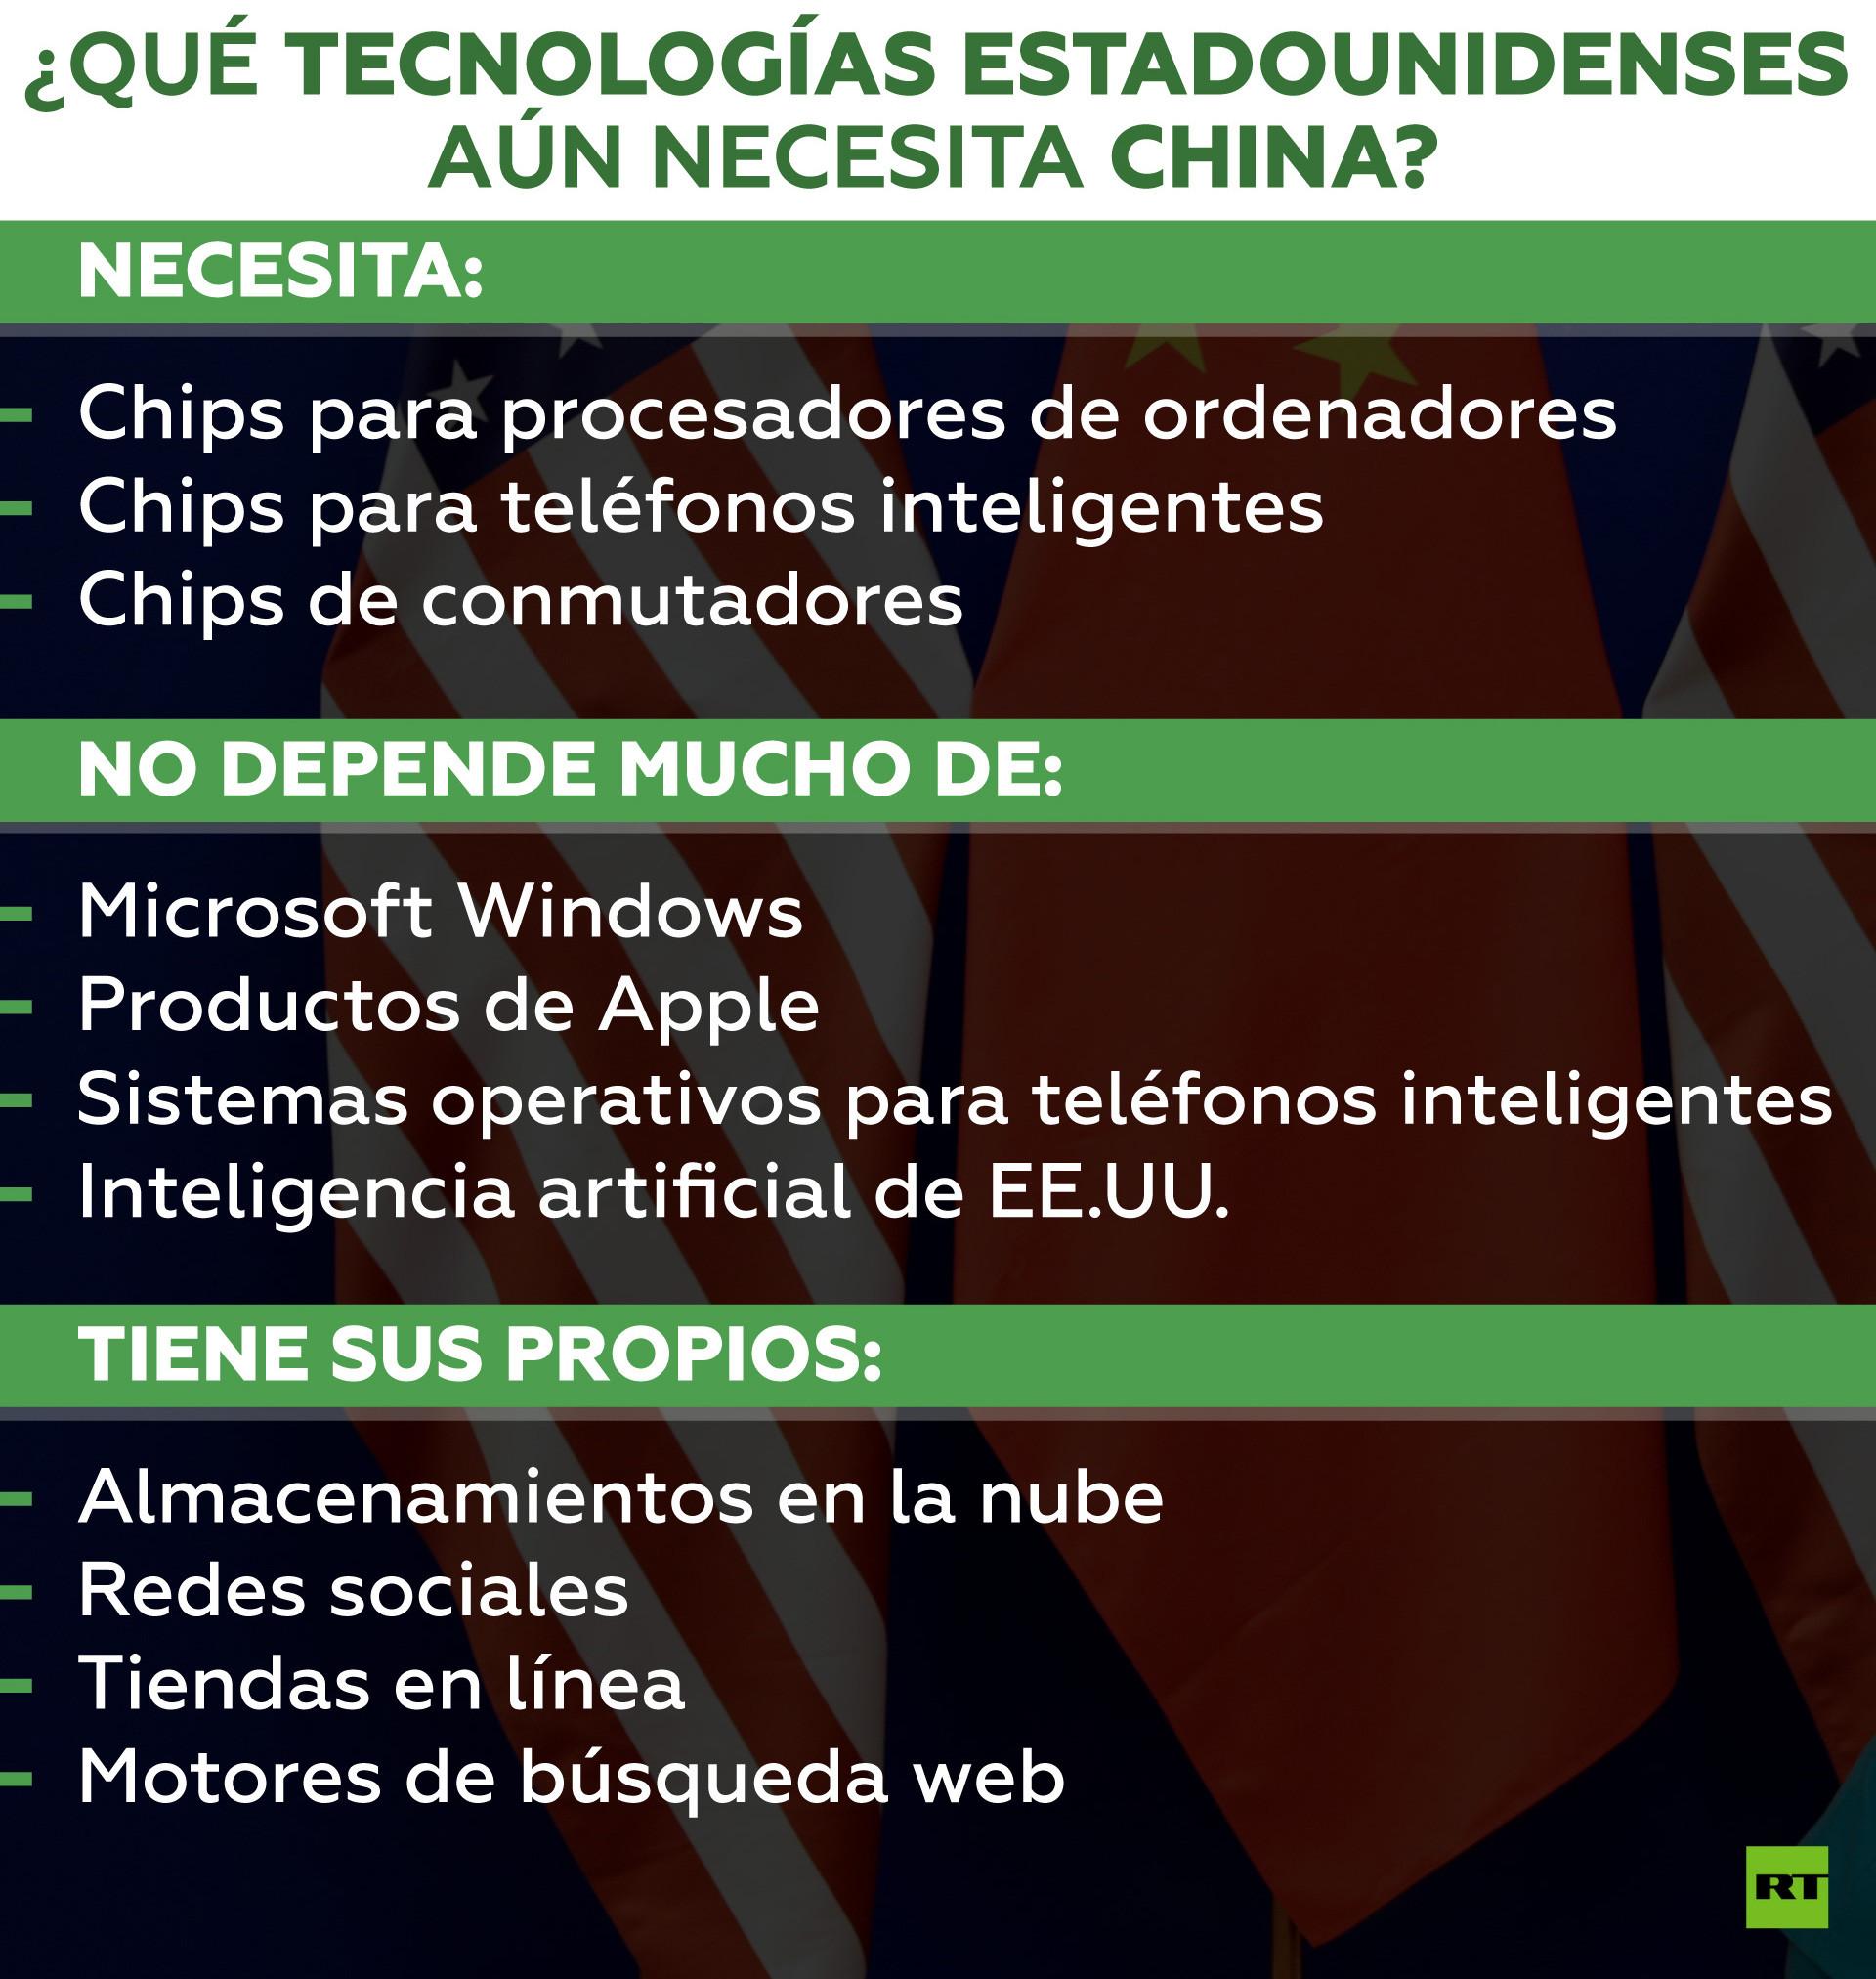 CHINA/EEUU